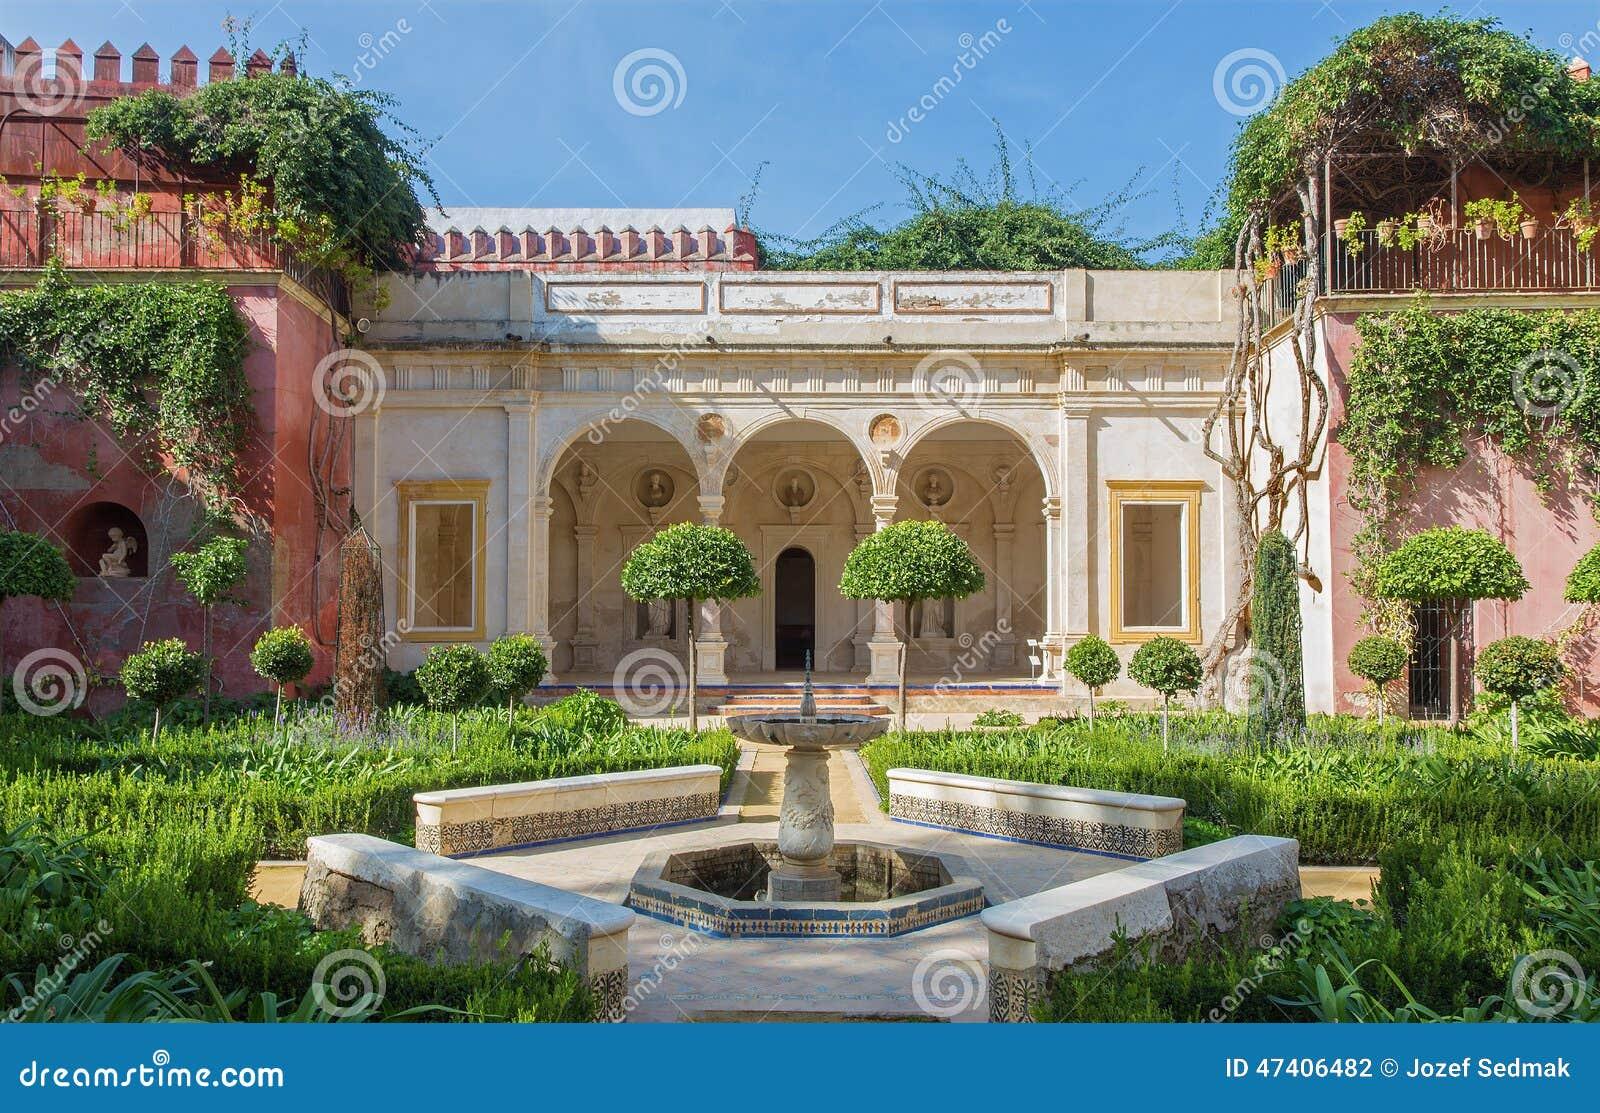 Sevilla la fachada y los jardines de casa de pilatos for Fotos de jardines de casas